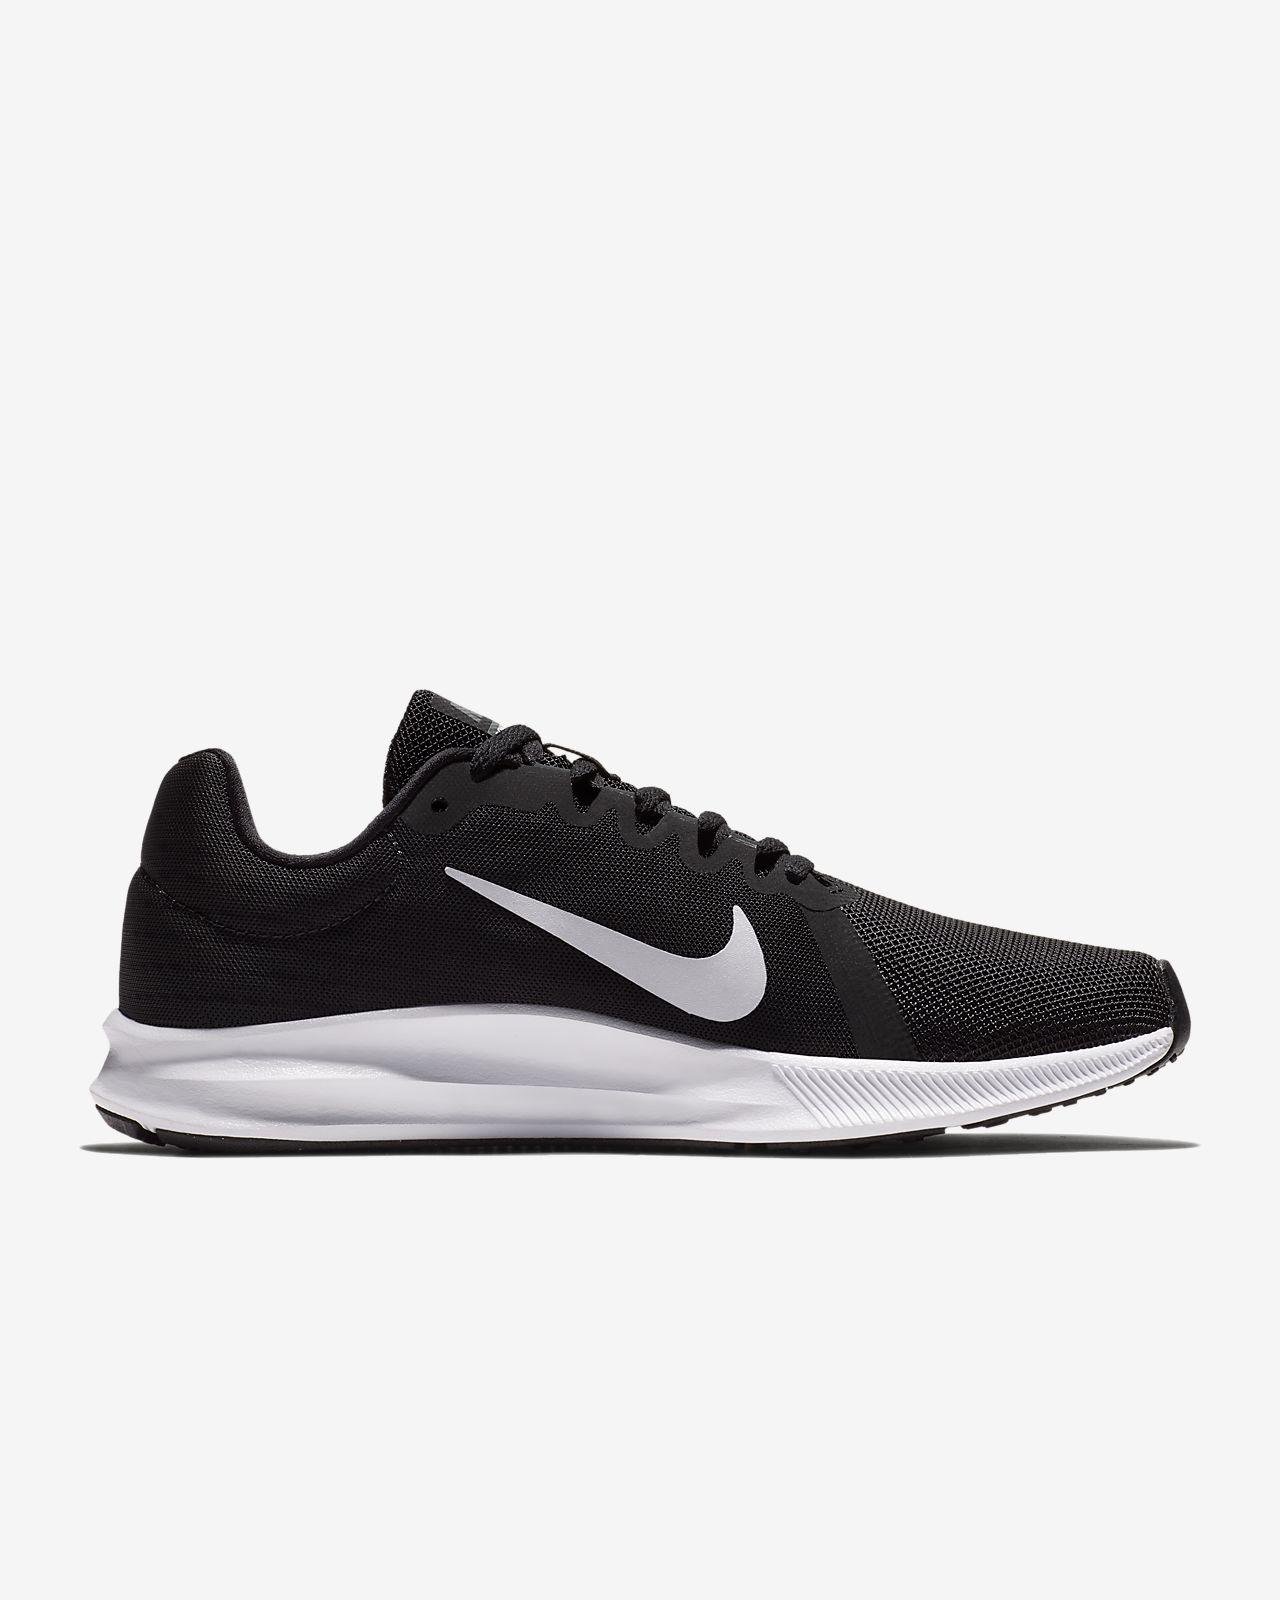 8 Downshifter Downshifter Downshifter 8 Women's Nike Nike